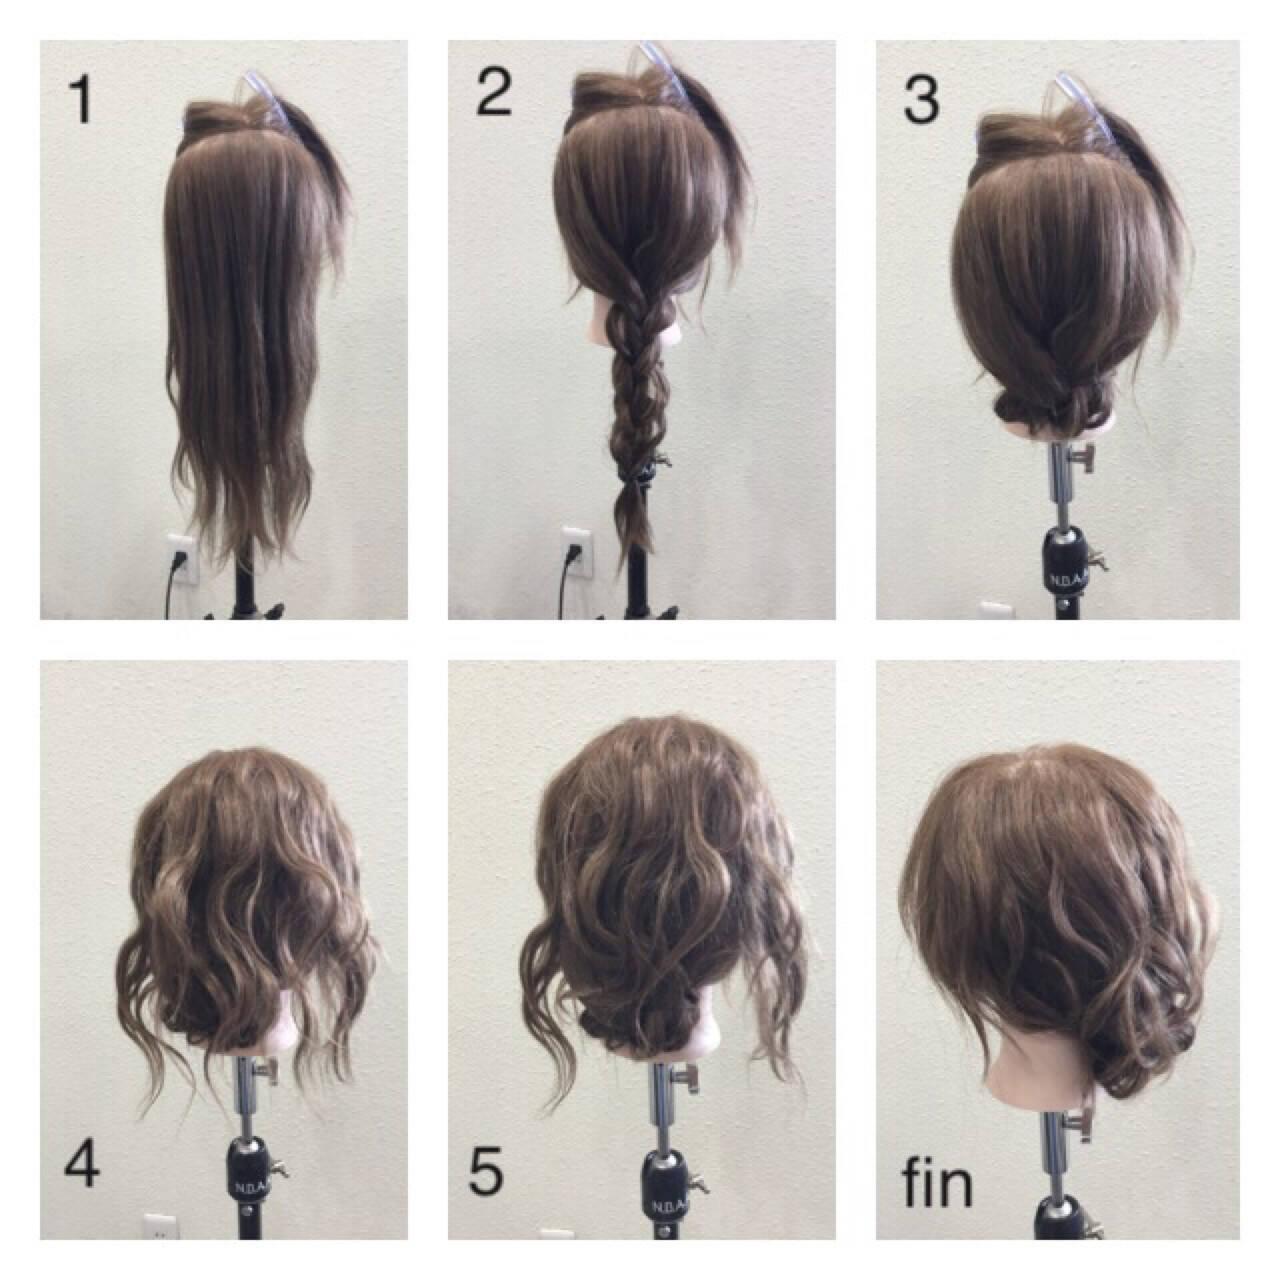 二次会 ヘアアレンジ ショート 簡単ヘアアレンジヘアスタイルや髪型の写真・画像